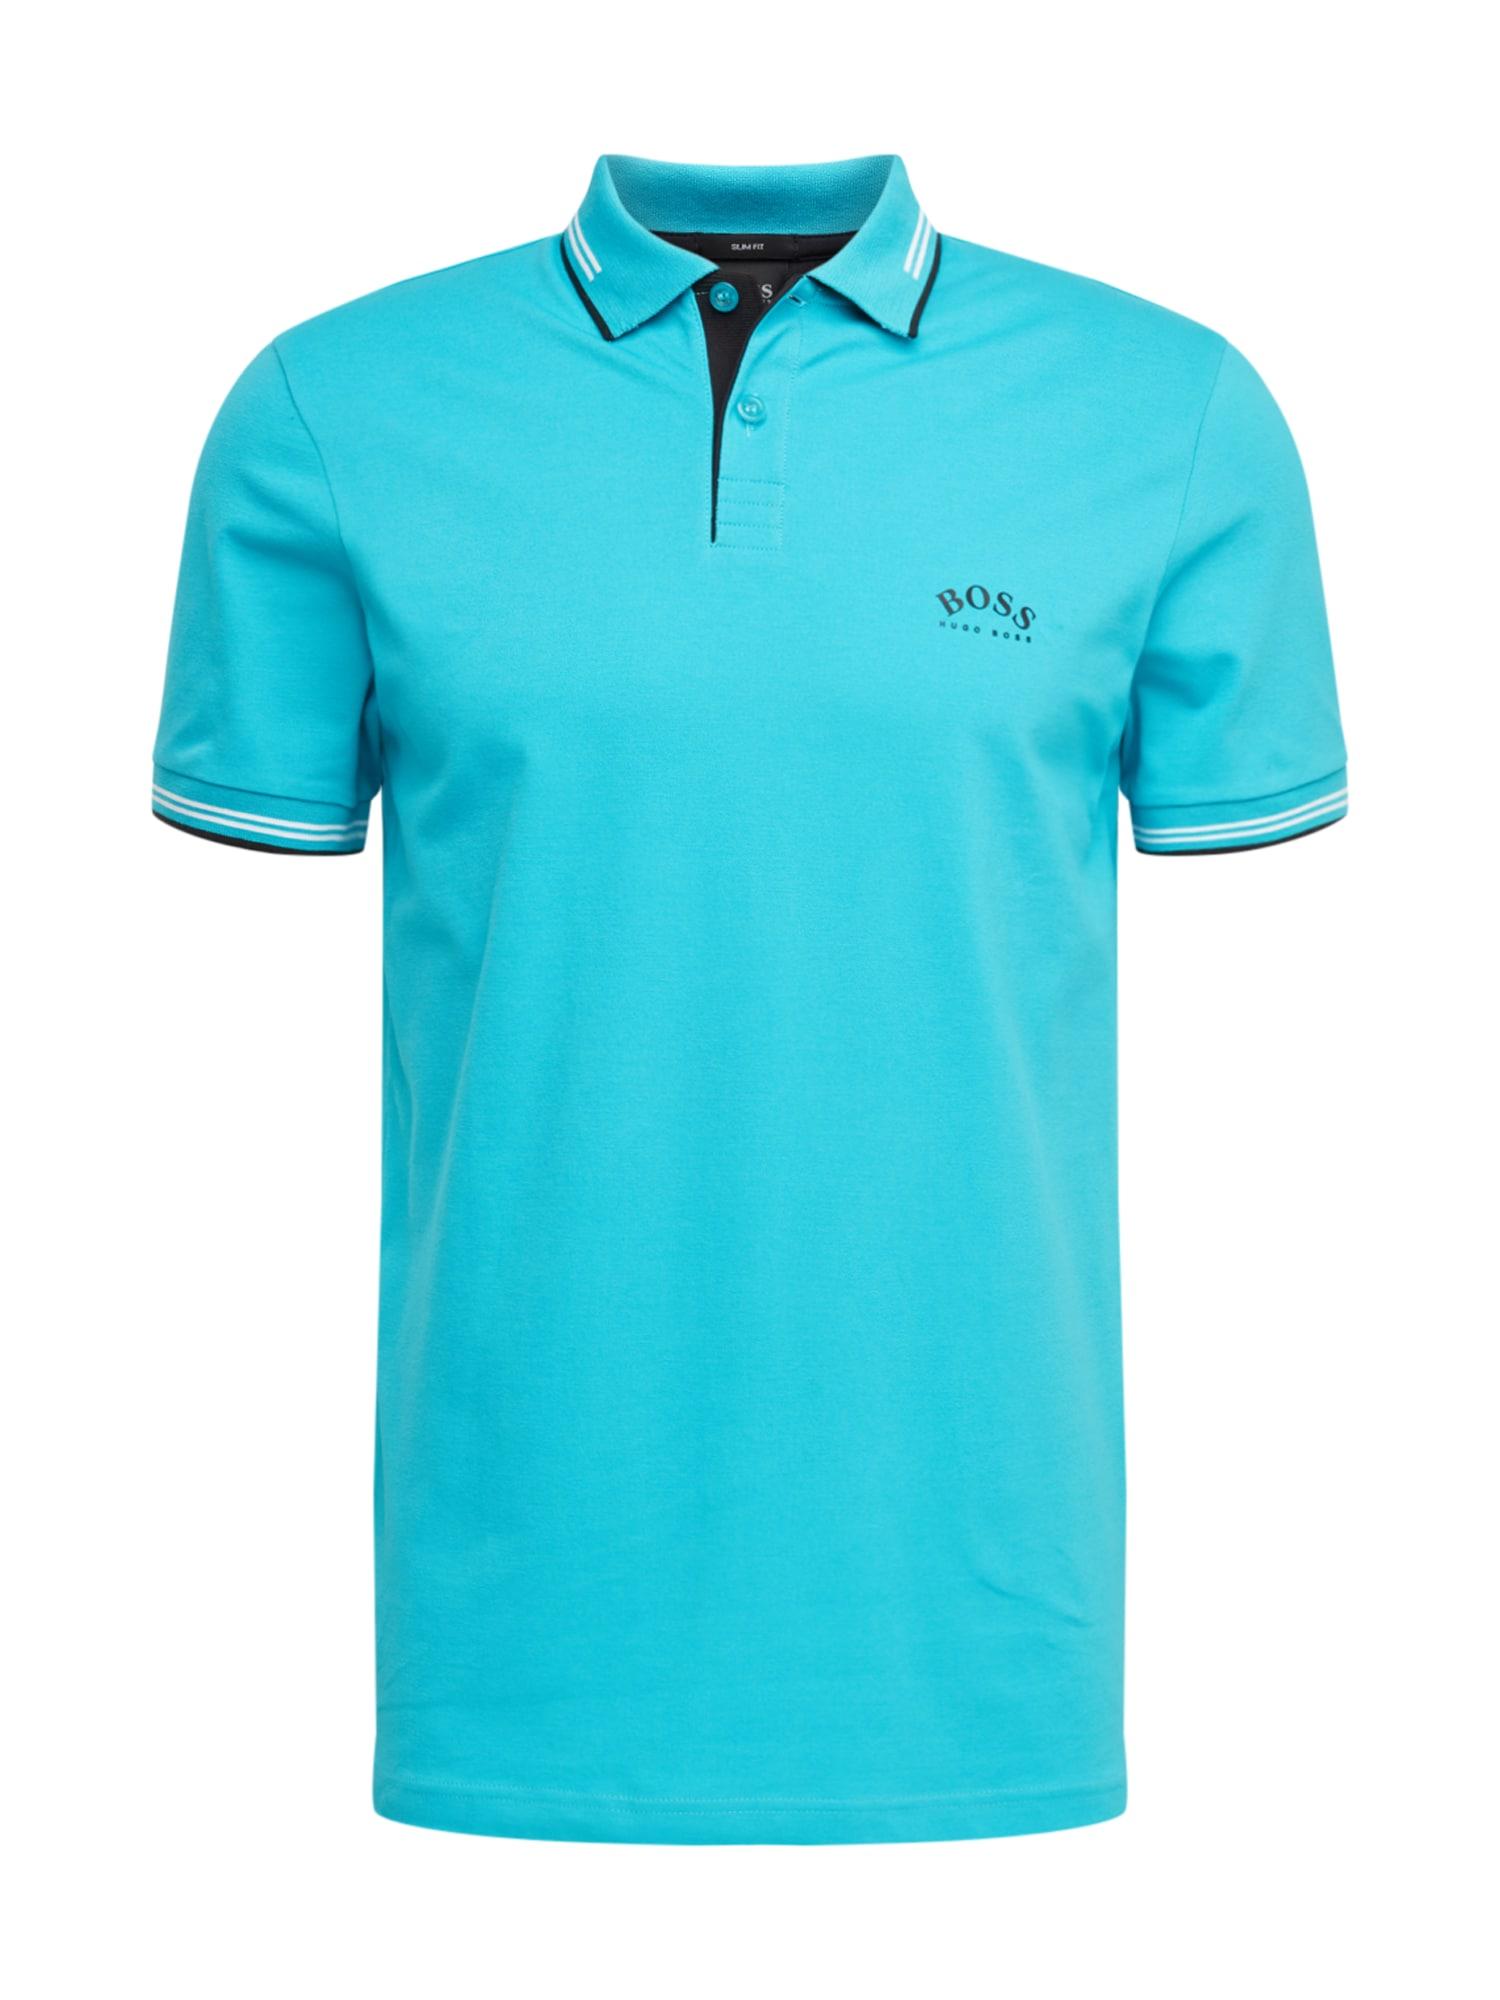 BOSS ATHLEISURE Marškinėliai 'Paul Curved' mėlyna